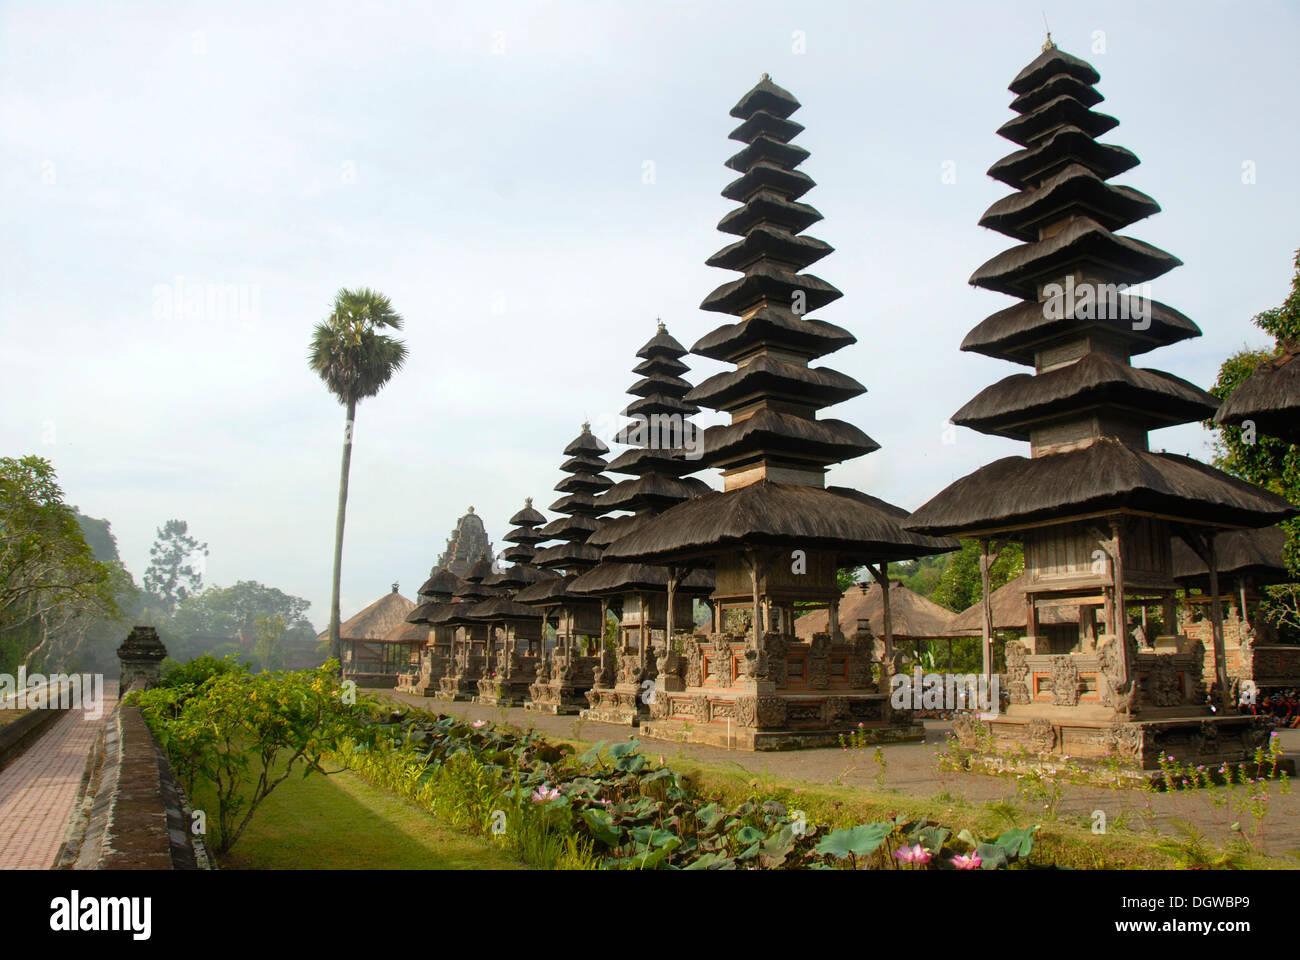 L Induismo di Bali, alto, slim pagode Balinese, Pura Taman Ayun Temple, acqua tempio Mengwi, Bali, Indonesia, Asia sud-orientale, Asia Immagini Stock